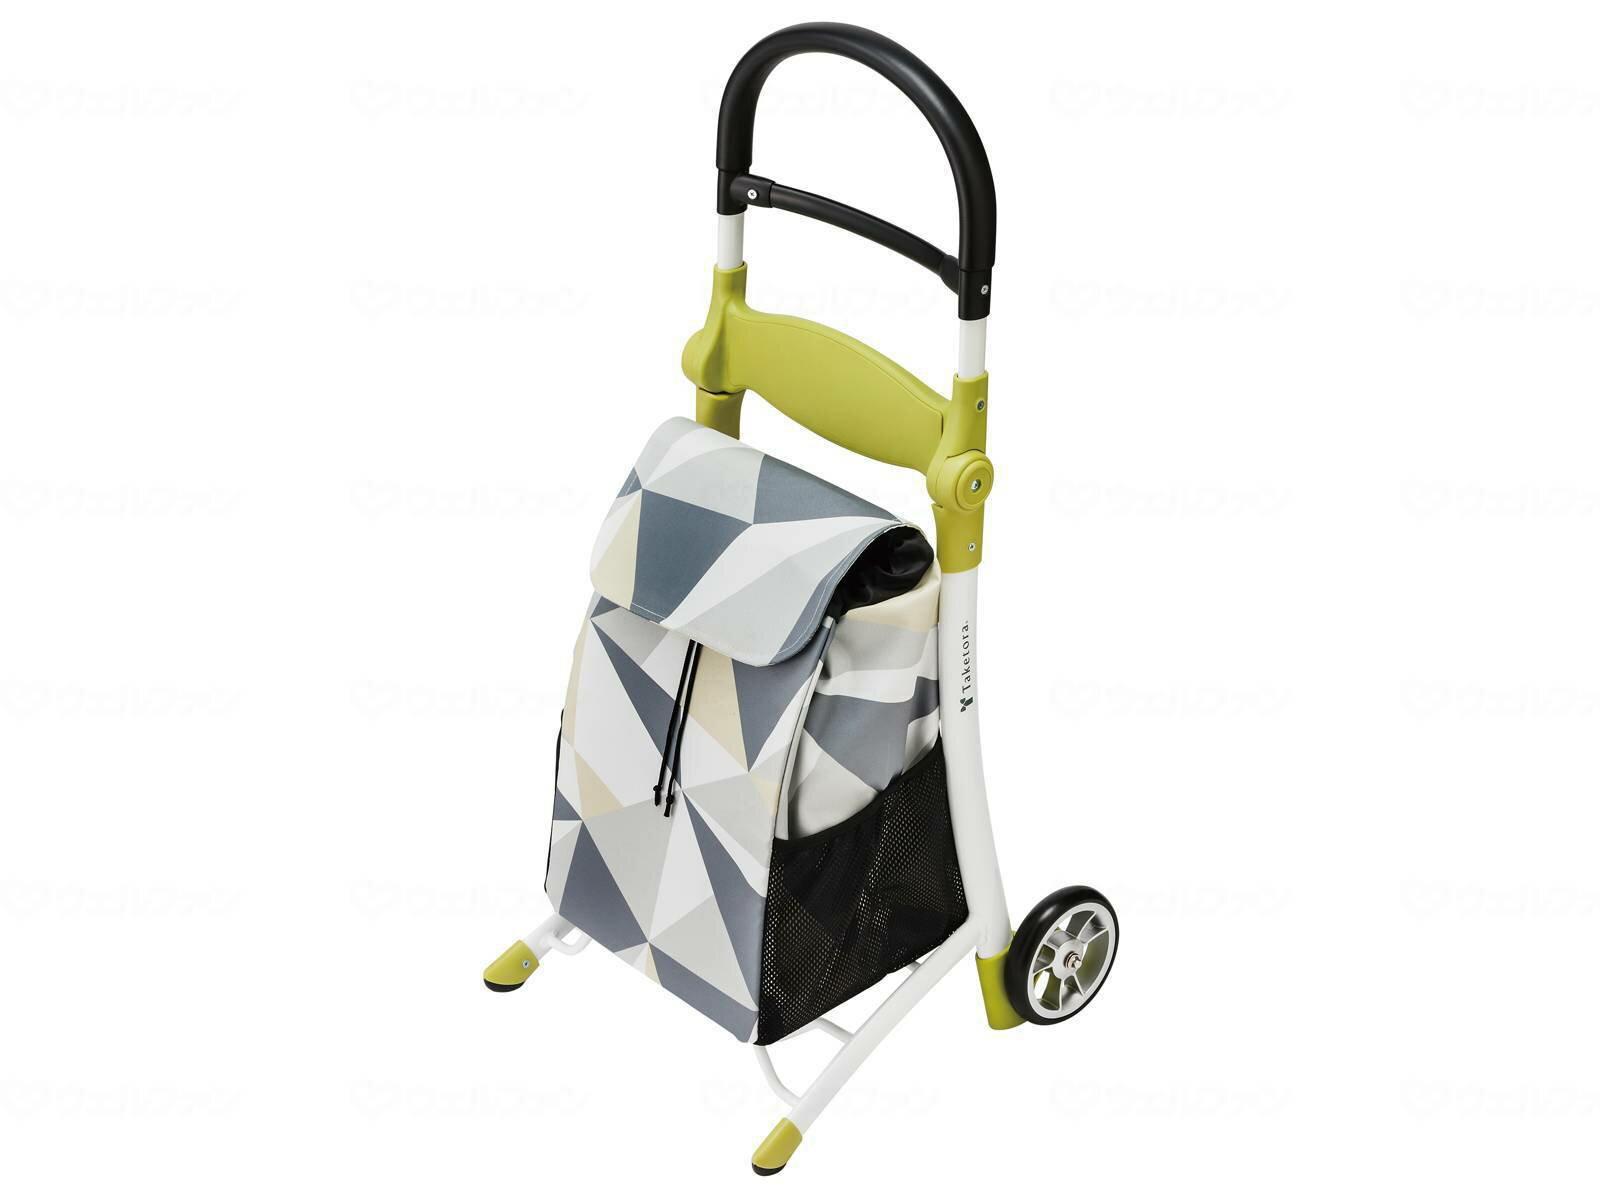 竹虎 スマイルキャリー 118001 グレー 座れるショッピングカート 送料無料 [介護 ケア 介護用品 サポート 補助]